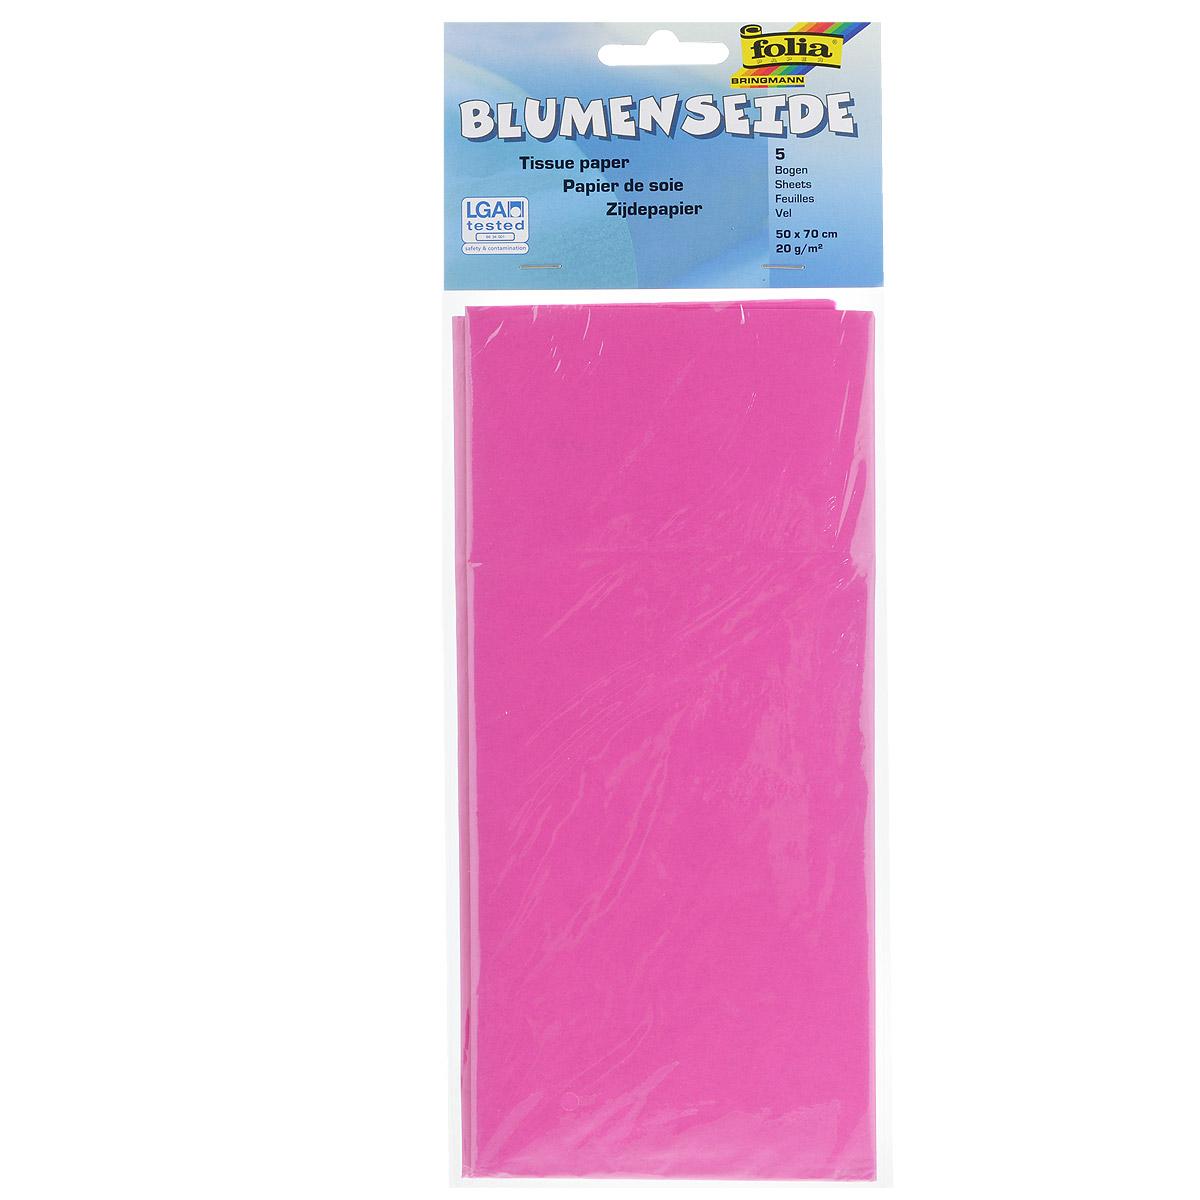 Бумага папиросная Folia, цвет: розовый (21), 50 см х 70 см, 5 листов. 7708123_2155052Бумага папиросная Folia - это великолепная тонкая и эластичная декоративная бумага. Такая бумага очень хороша для изготовления своими руками цветов и букетов с конфетами, топиариев, декорирования праздничных мероприятий. Также из нее получается шикарная упаковка для подарков. Интересный эффект дает сочетание мягкой полупрозрачной фактуры папиросной бумаги с жатыми и матовыми фактурами: креп-бумагой, тутовой и различными видами картона. Бумага очень тонкая, полупрозрачная - поэтому ее можно оригинально использовать в декоре стекла, светильников и гирлянд. Достаточно большие размеры листа и богатая цветовая палитра дают простор вашей творческой фантазии. Размер листа: 50 см х 70 см.Плотность: 20 г/м2.